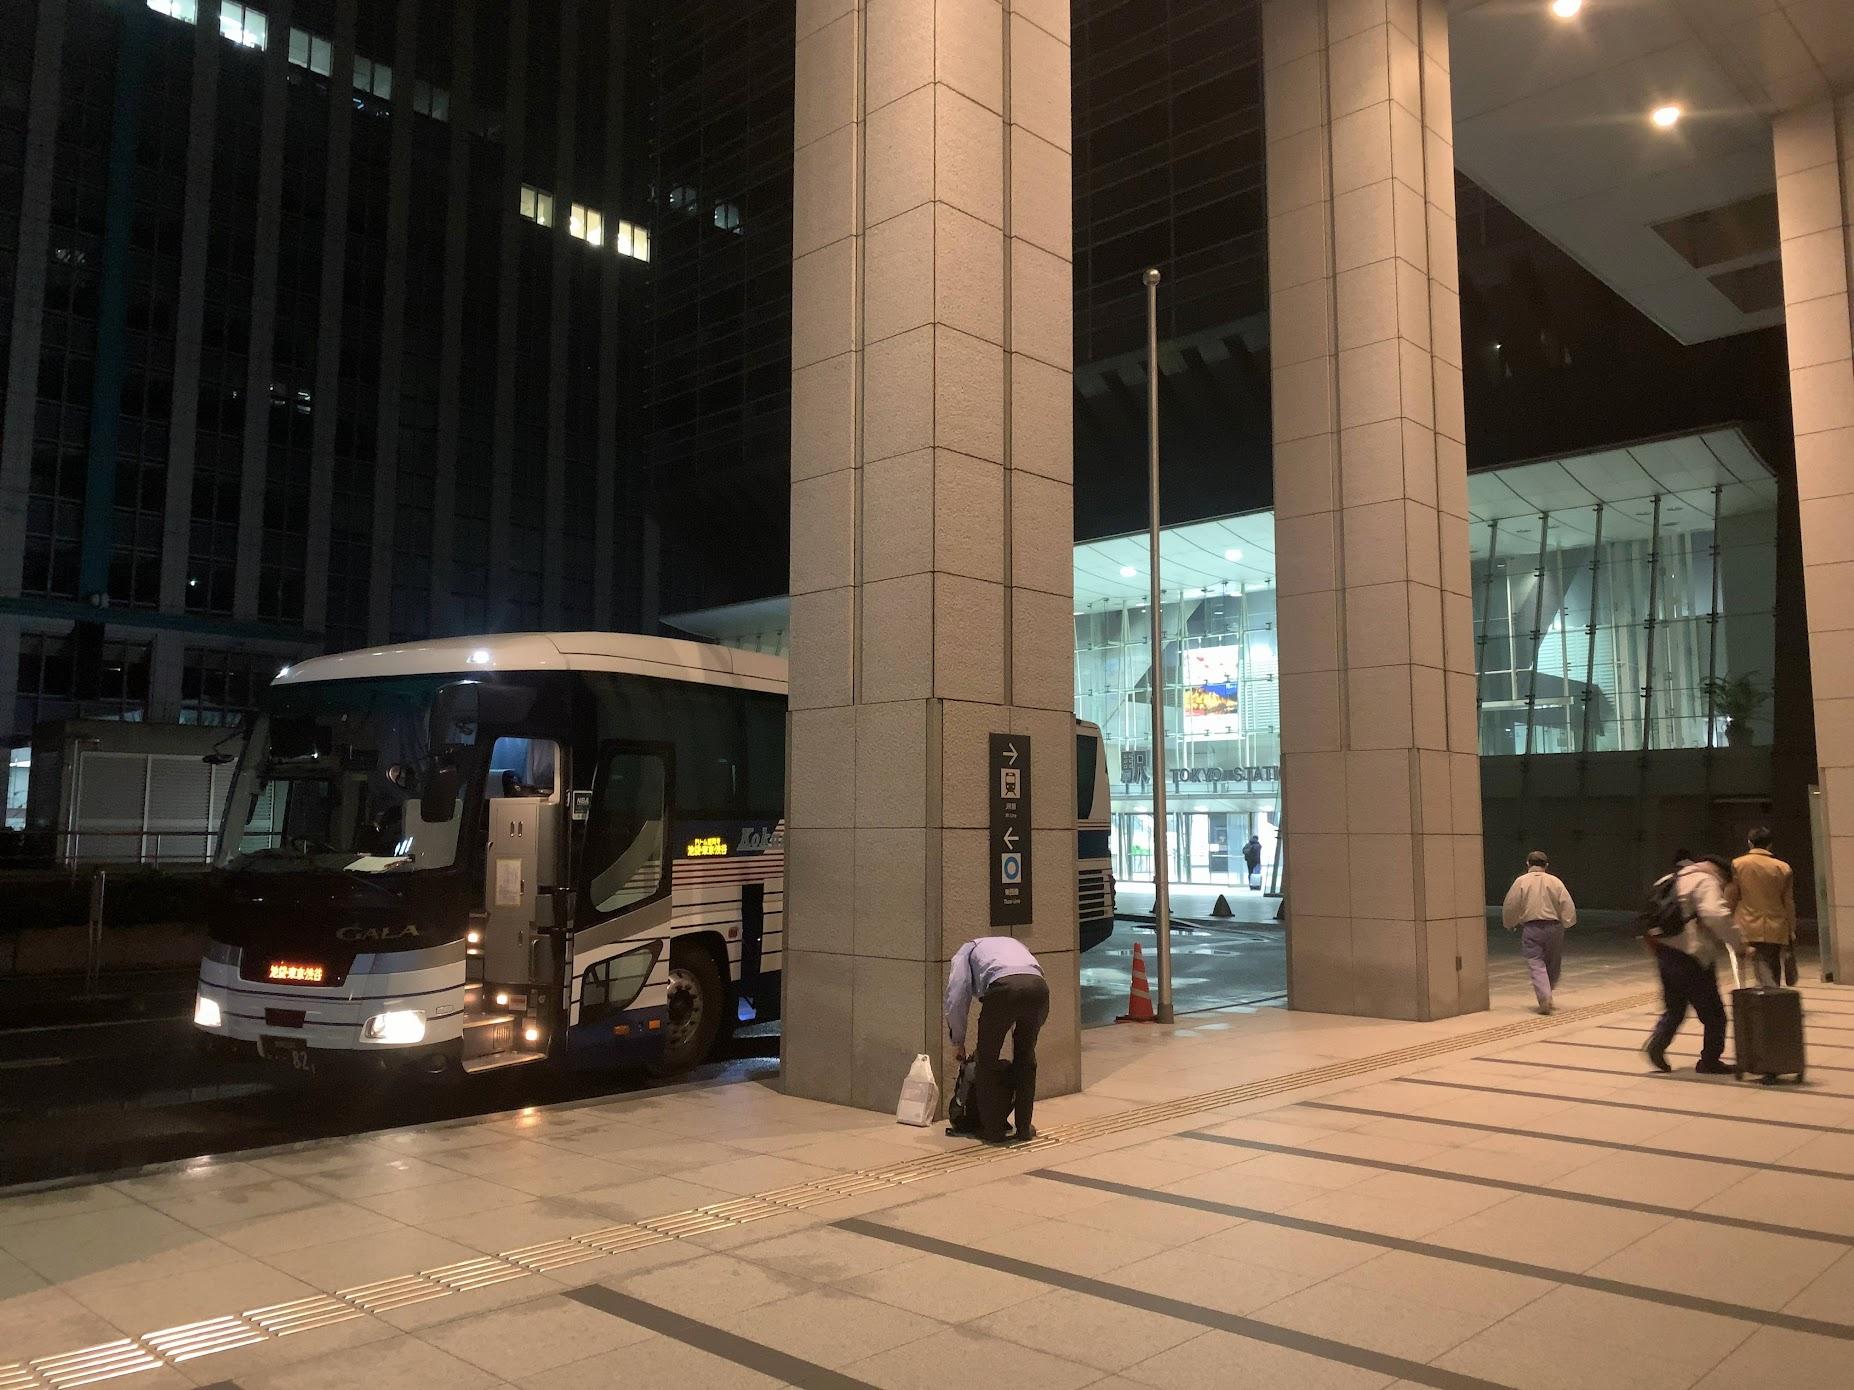 ドリーム盛岡2号(東京駅日本橋口)